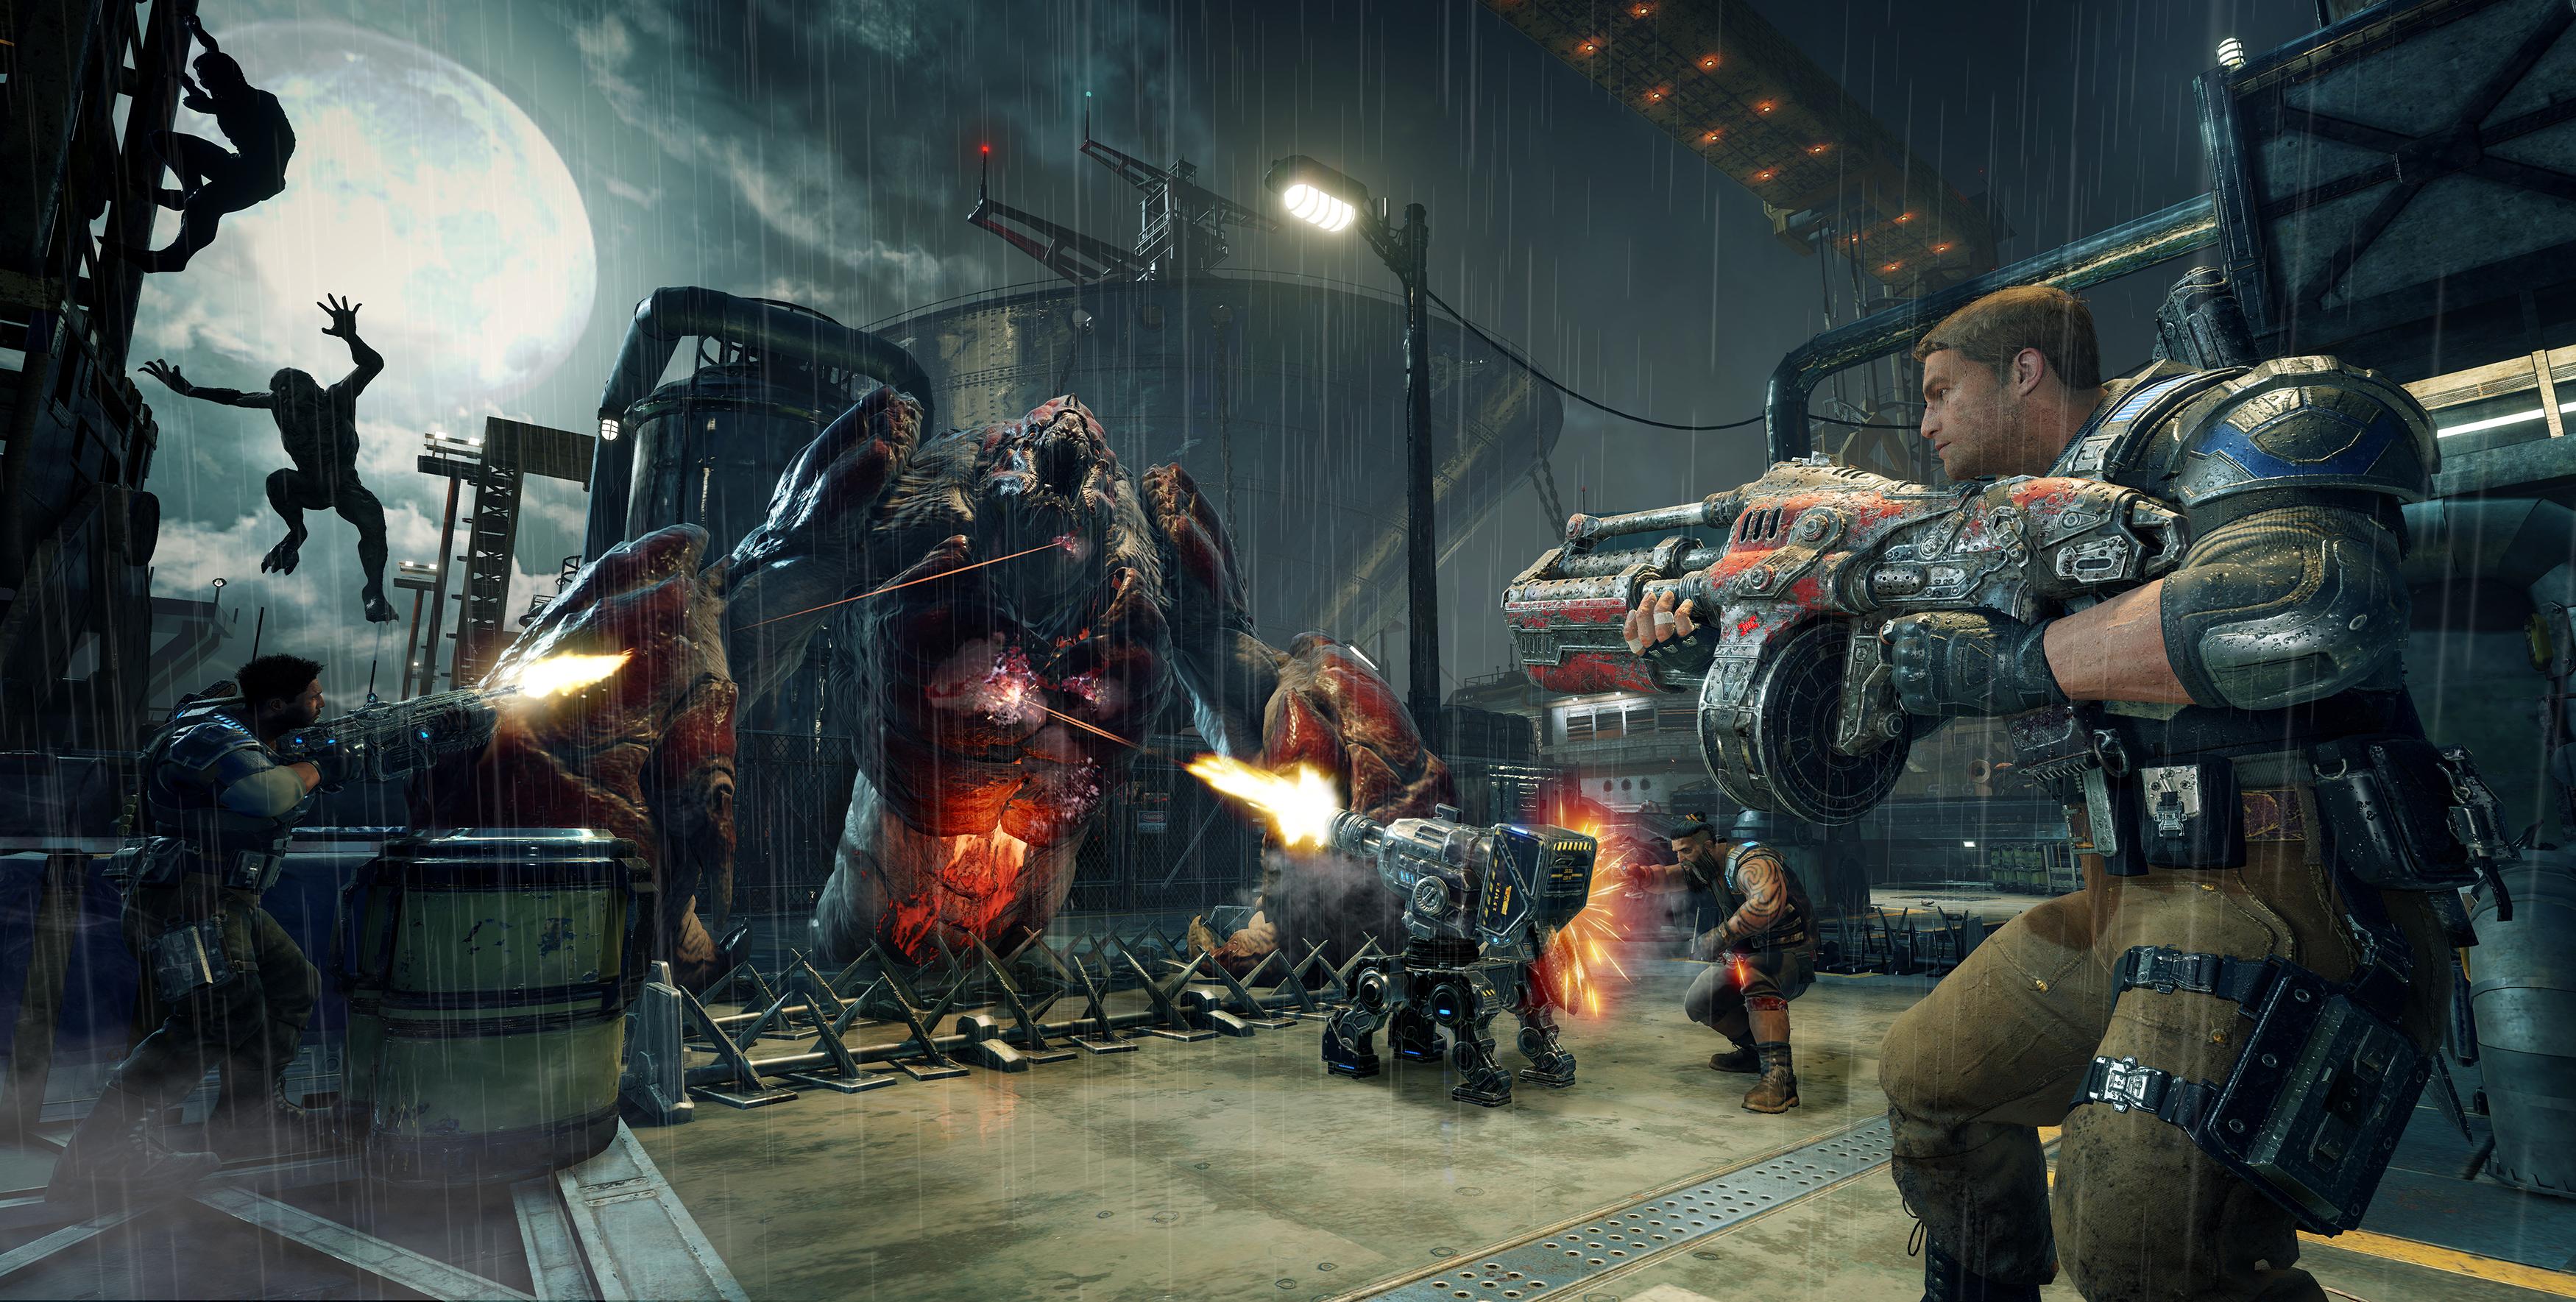 Nové obrázky z Gears of War 4 130099